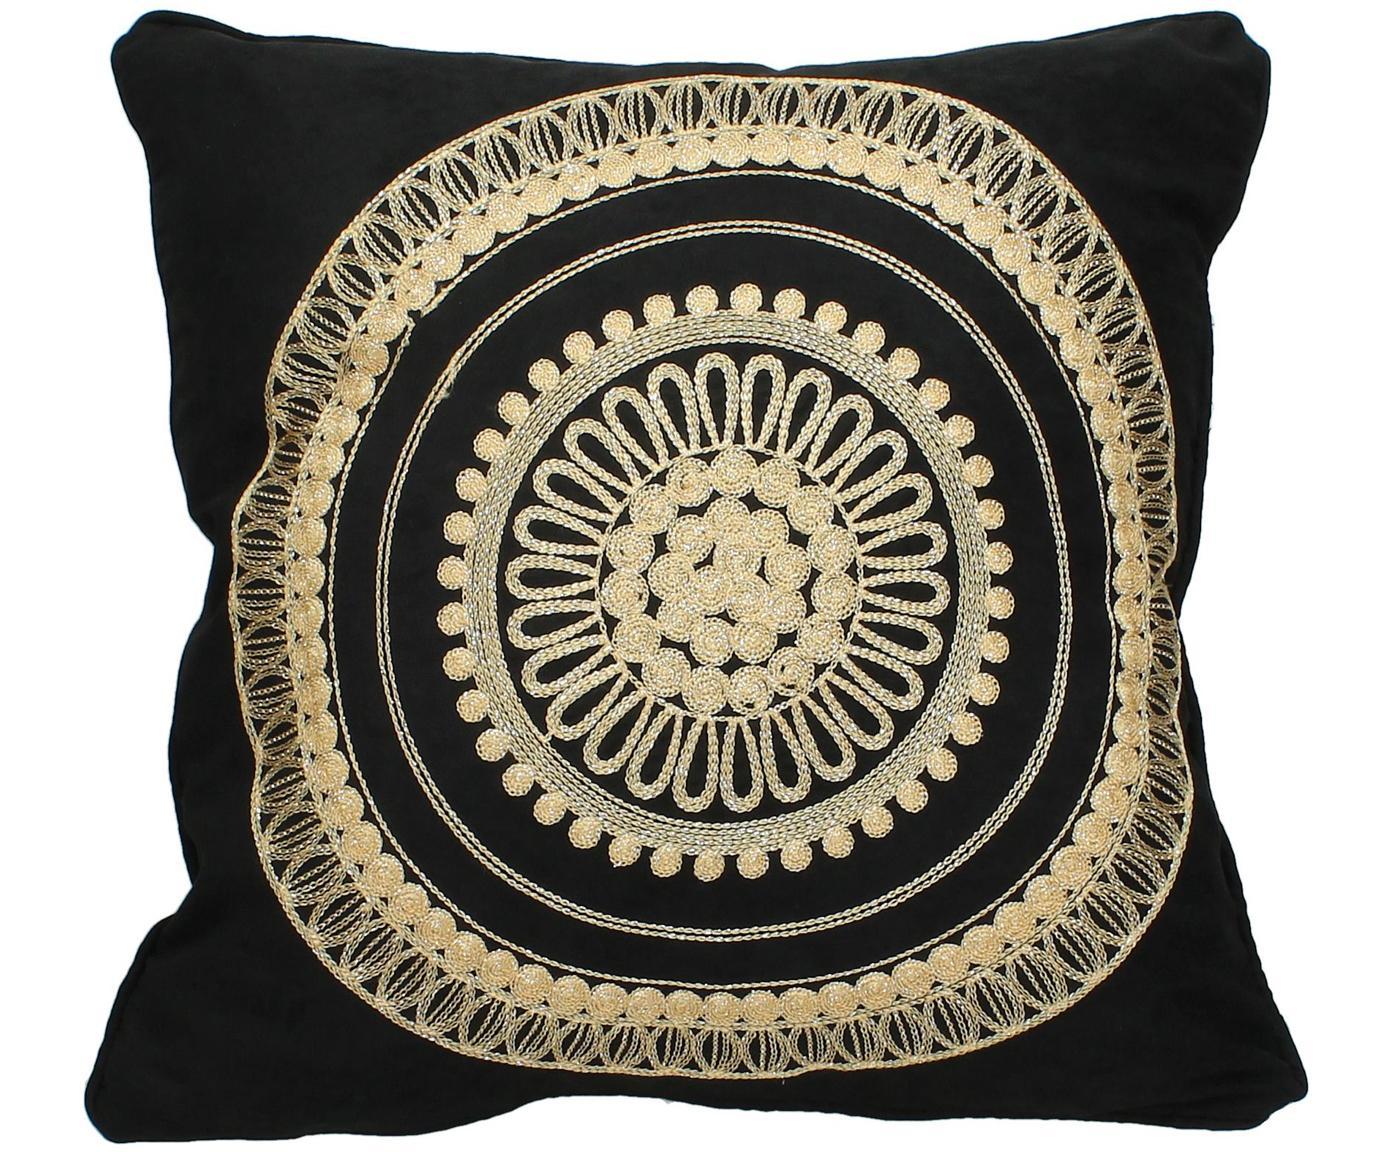 Zwart kussen Tina met gouden borduurwerk, met vulling, 80% katoen 20% polyester, Zwart, beige, 45 x 45 cm